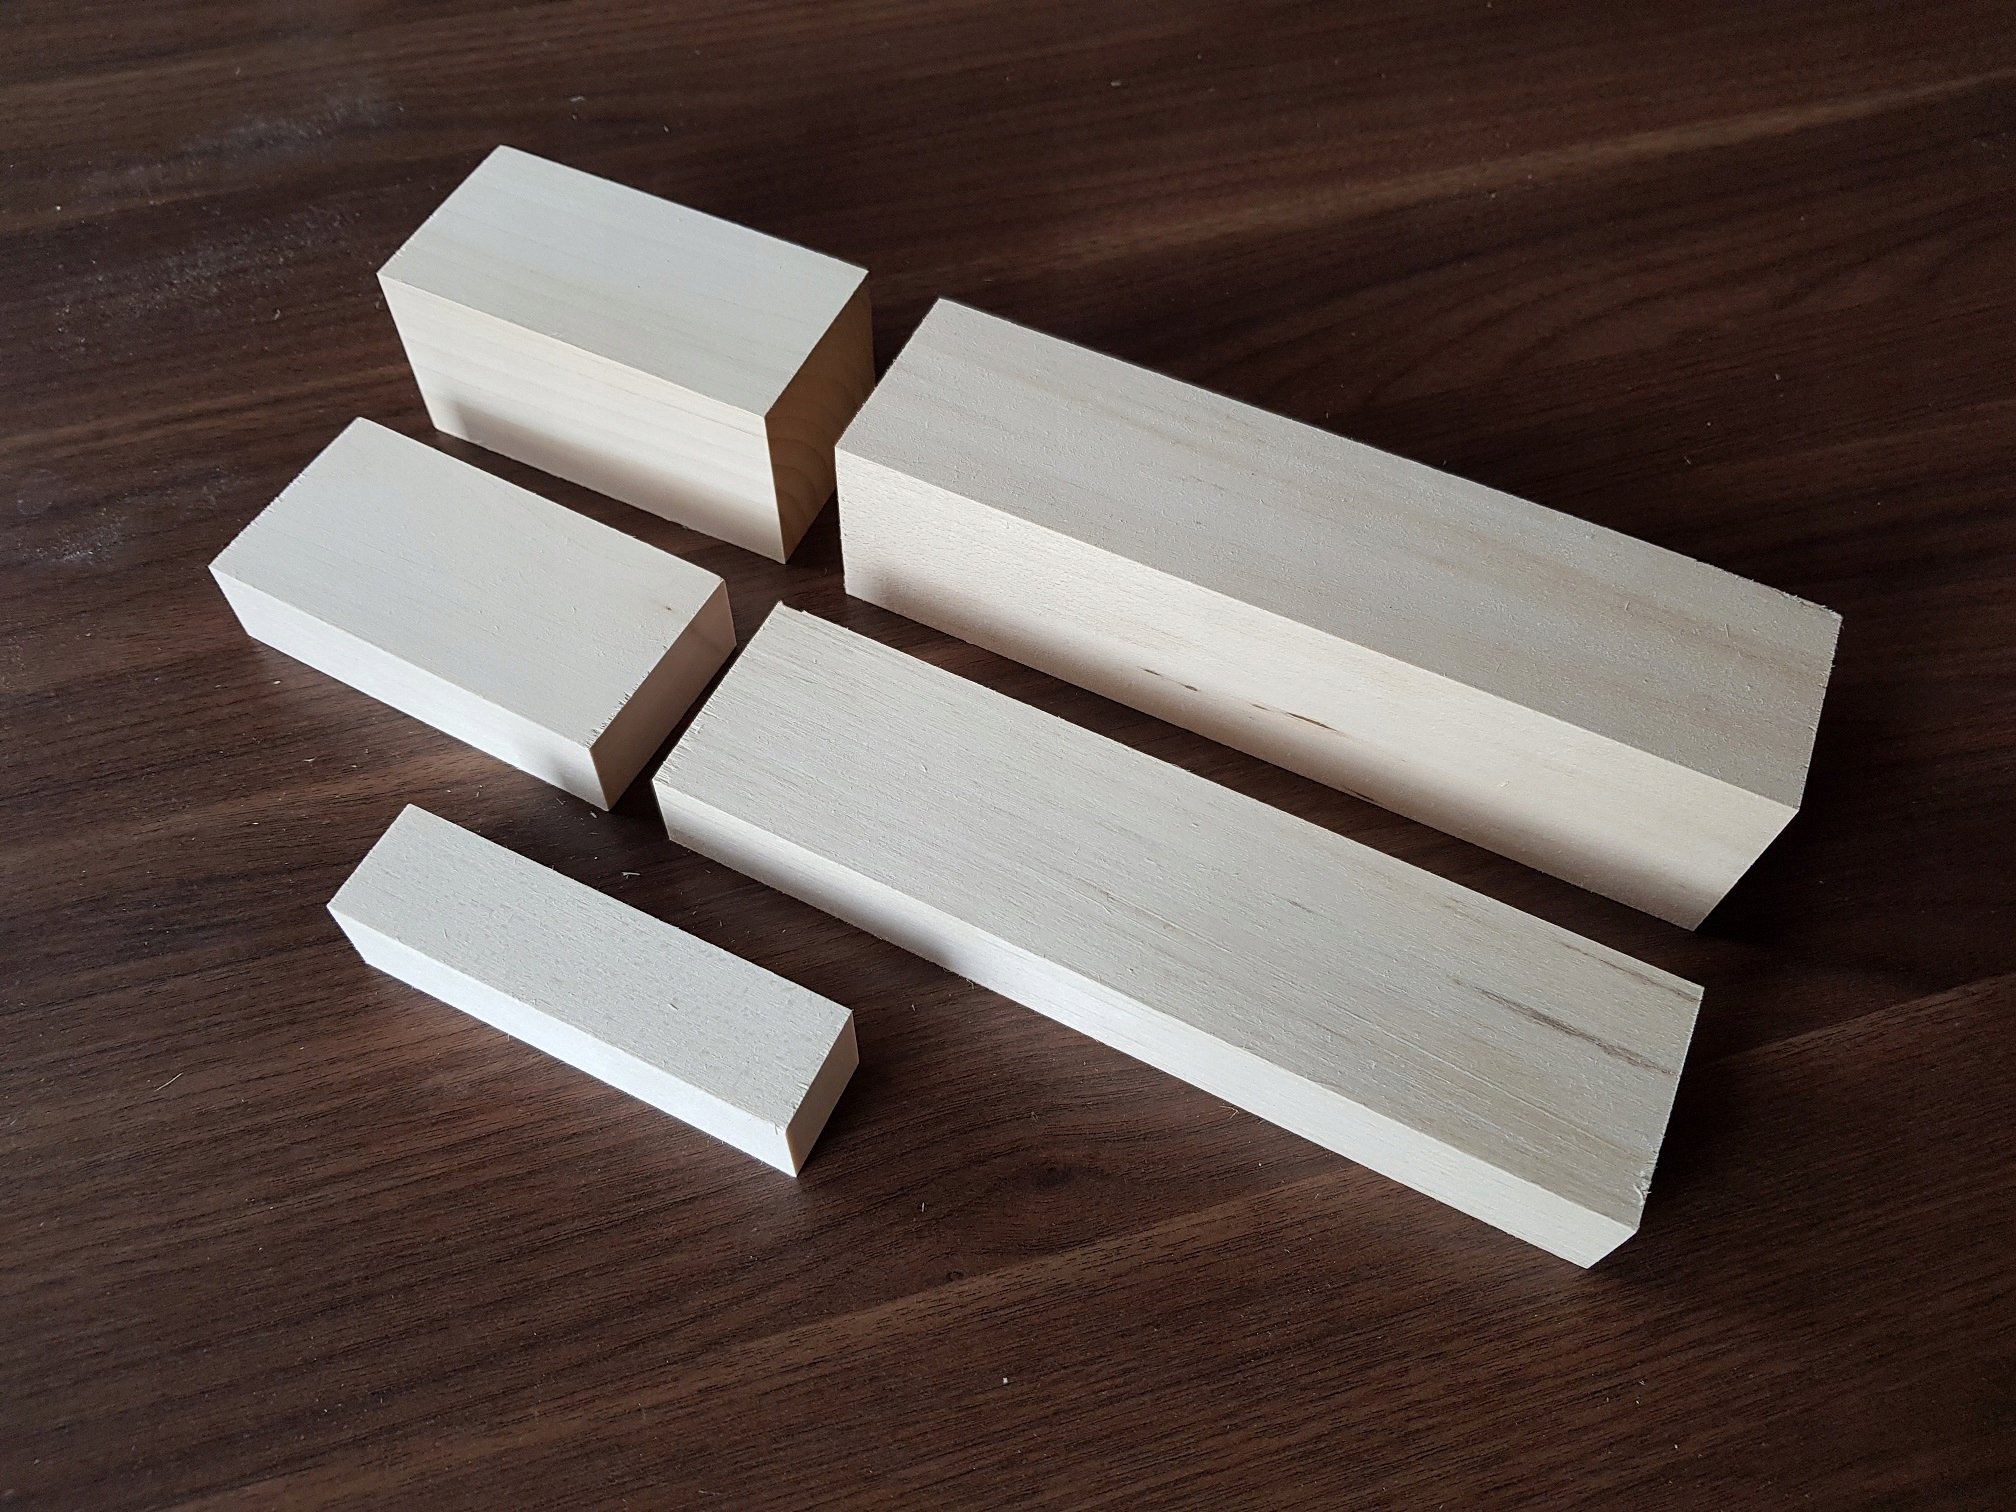 Деревянные блоки из липы, дерево для резьбы по дереву